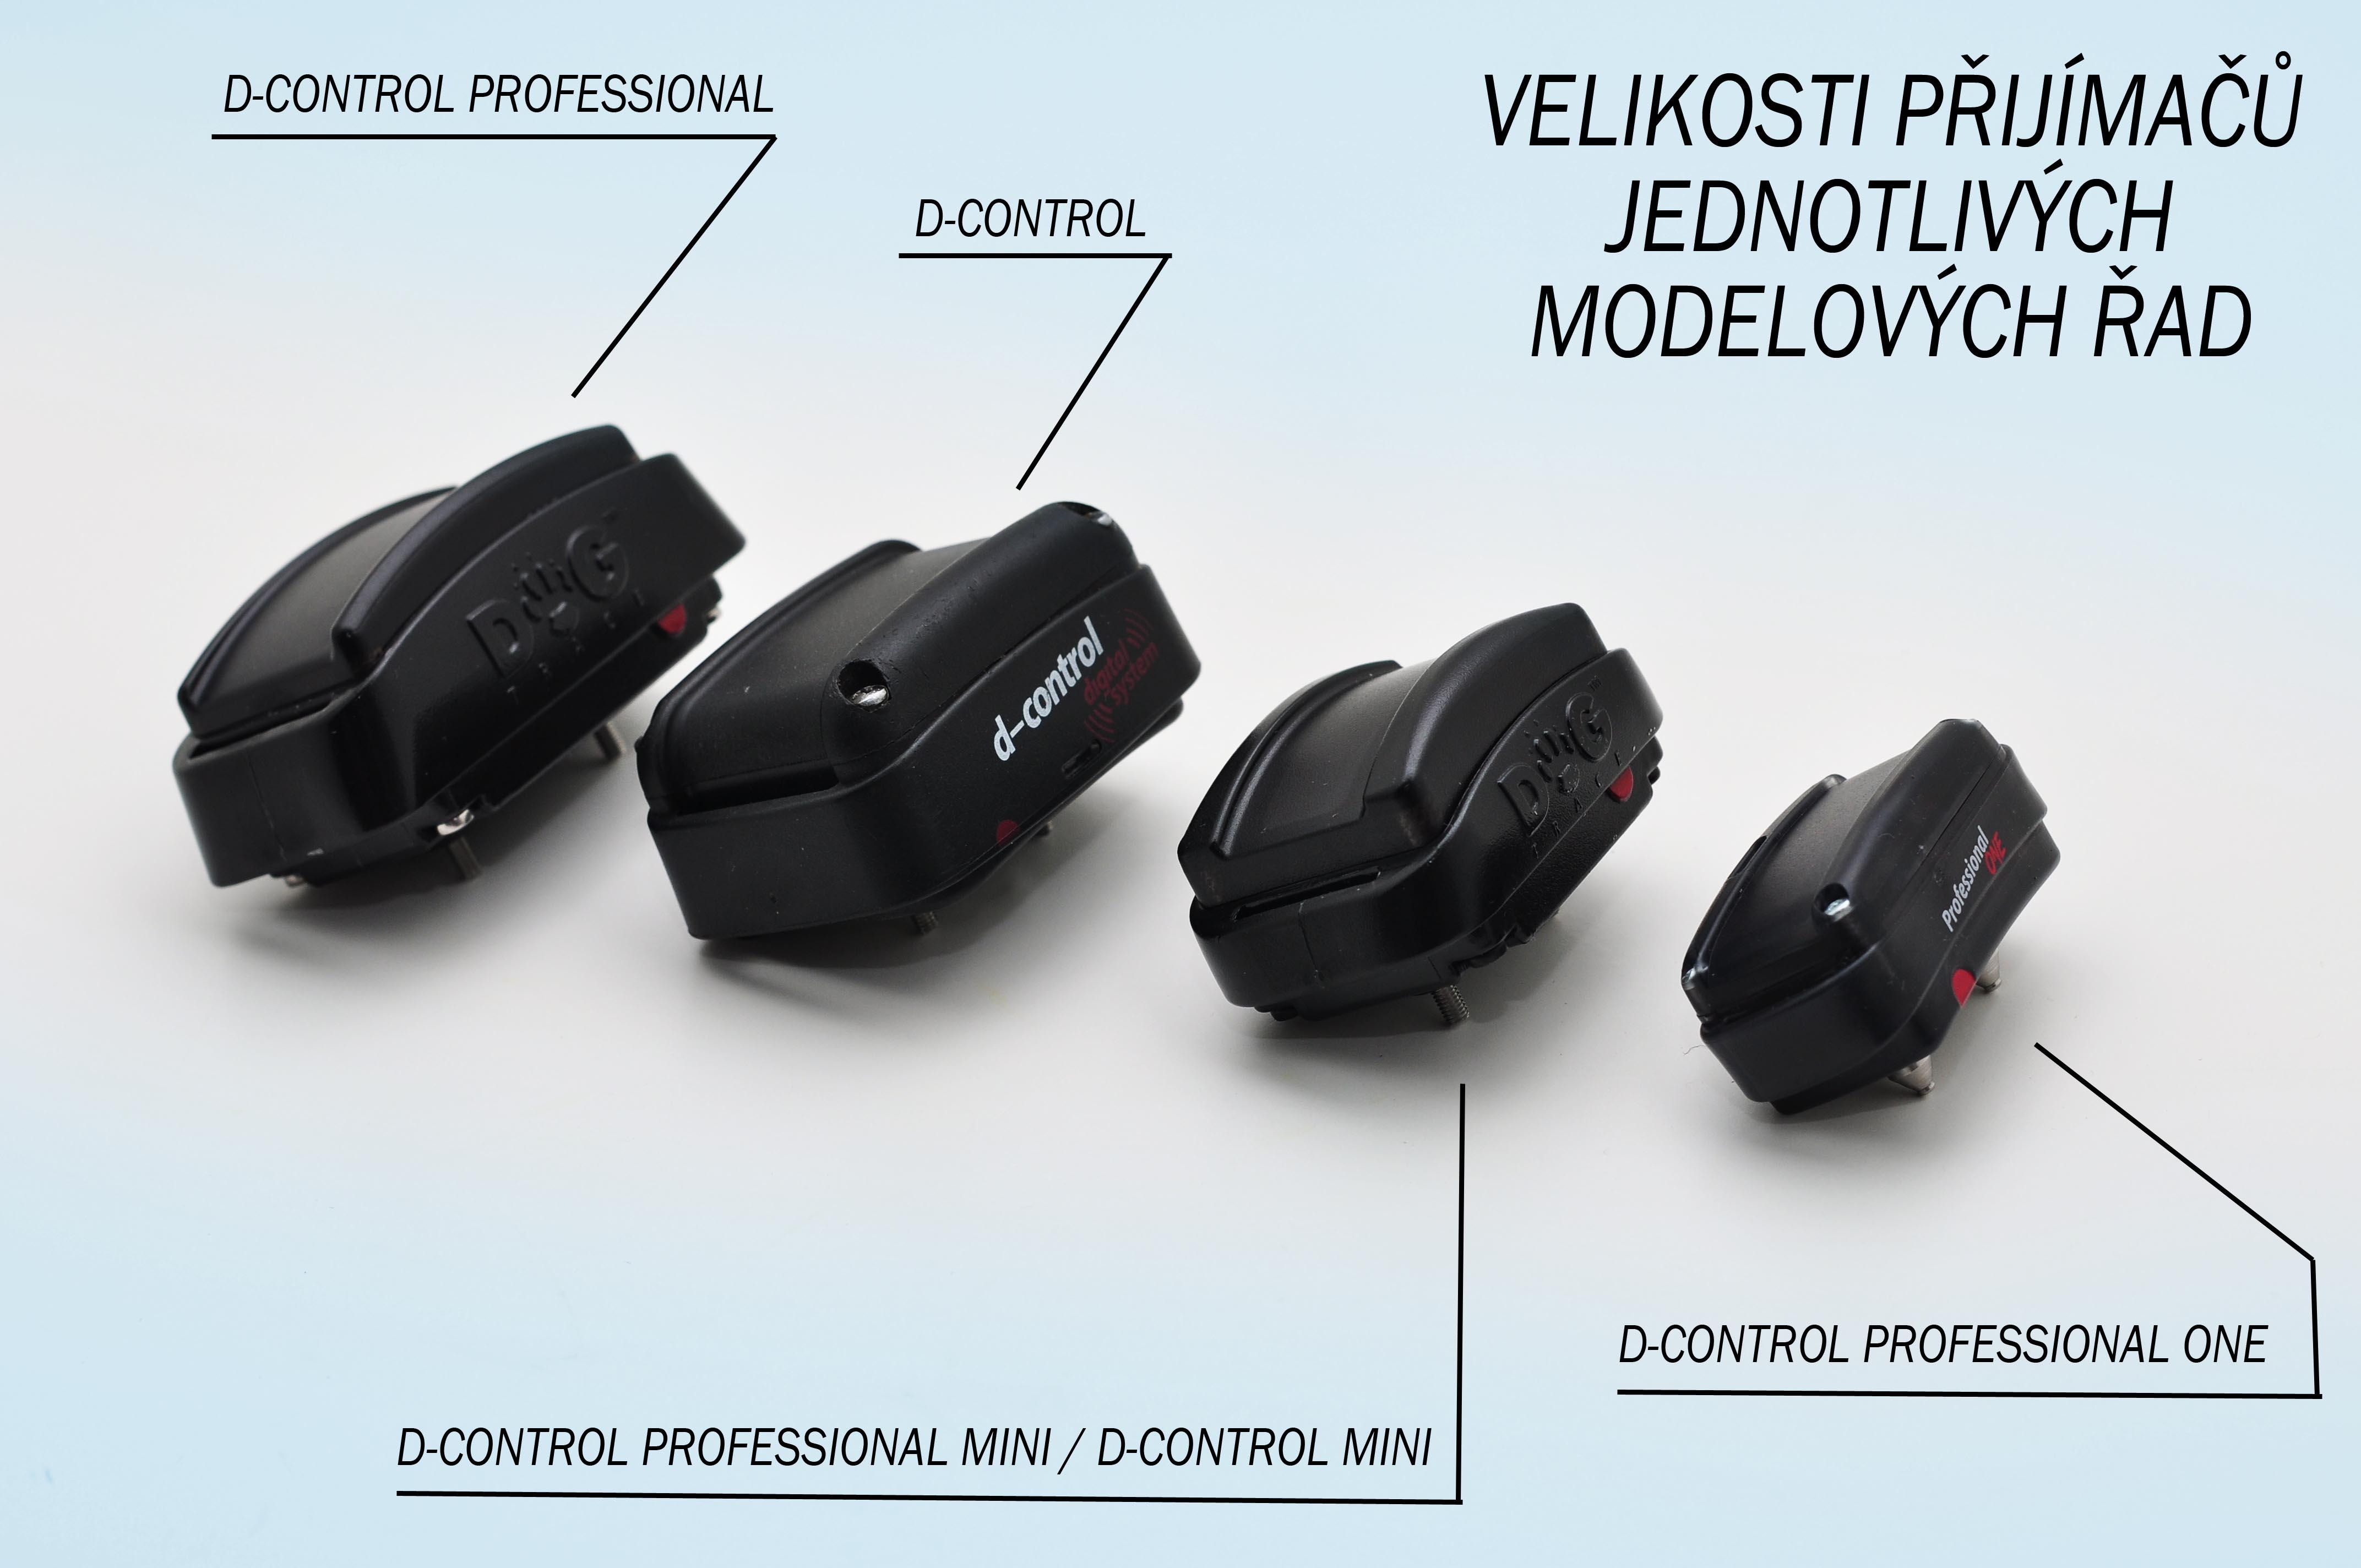 Rozdíl mezi modely D-control professional a D-control professional mini